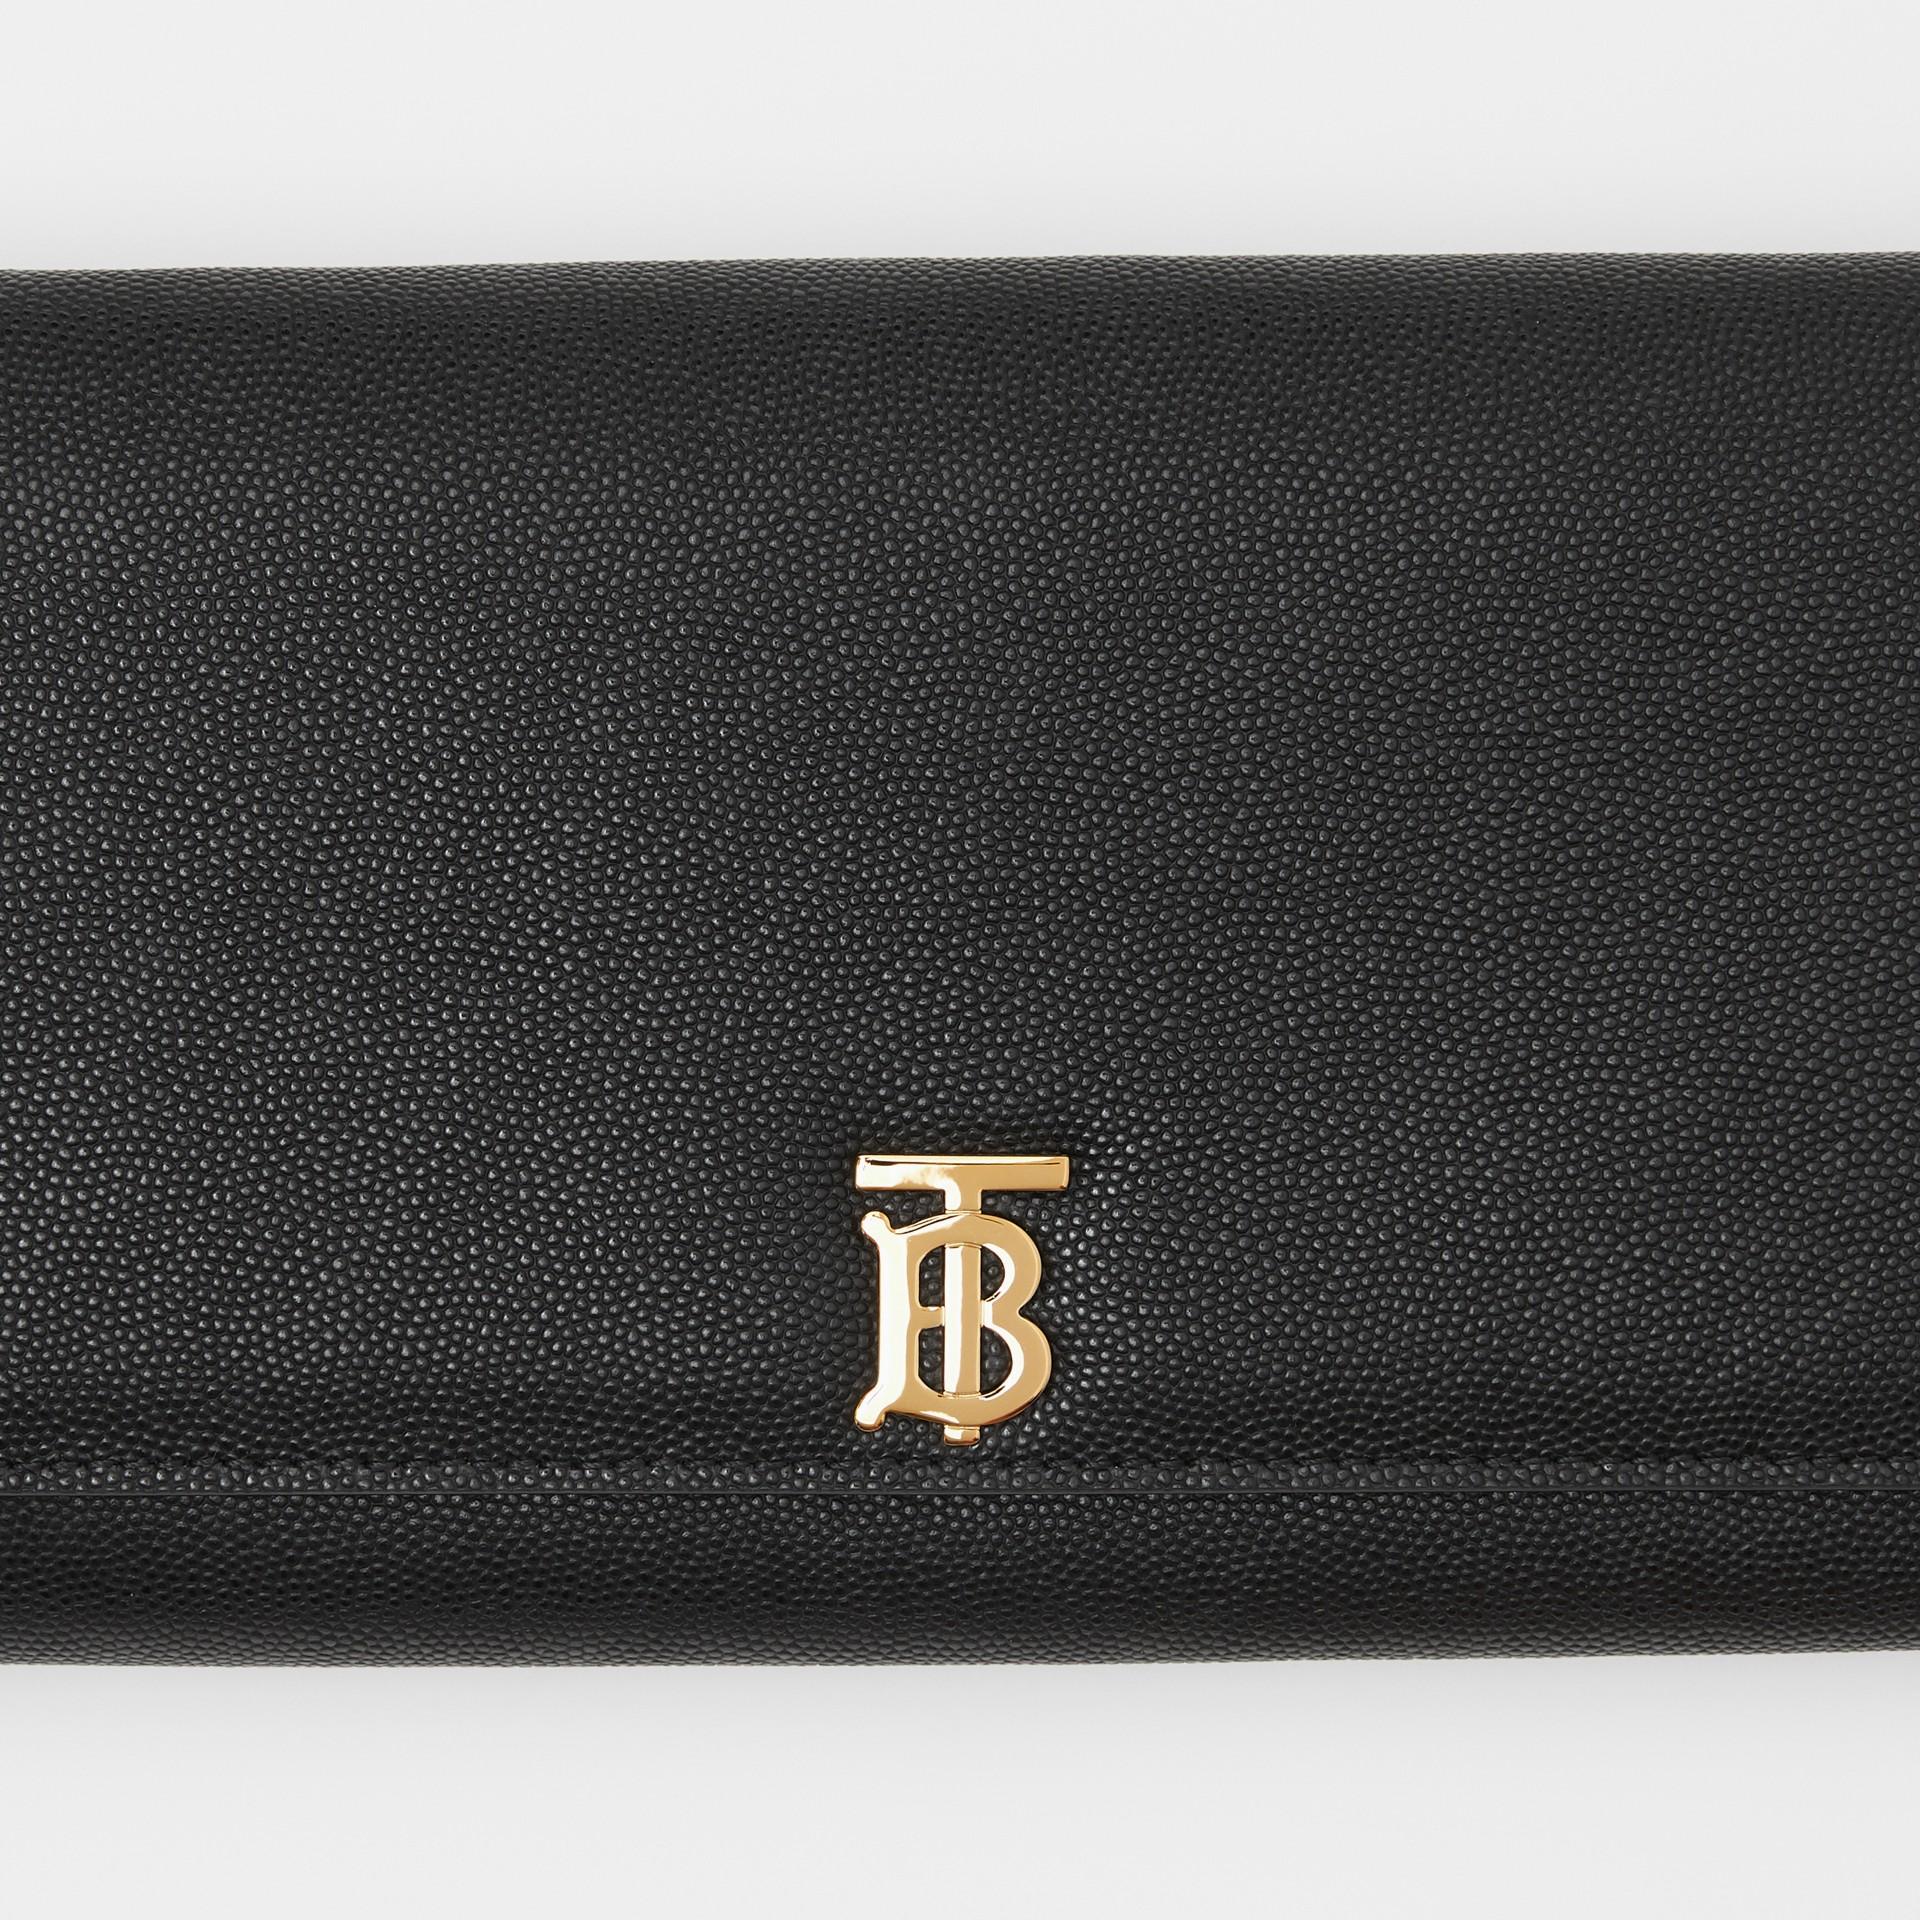 Portefeuille en cuir Monogram avec dragonne amovible (Noir) - Femme | Burberry - photo de la galerie 1